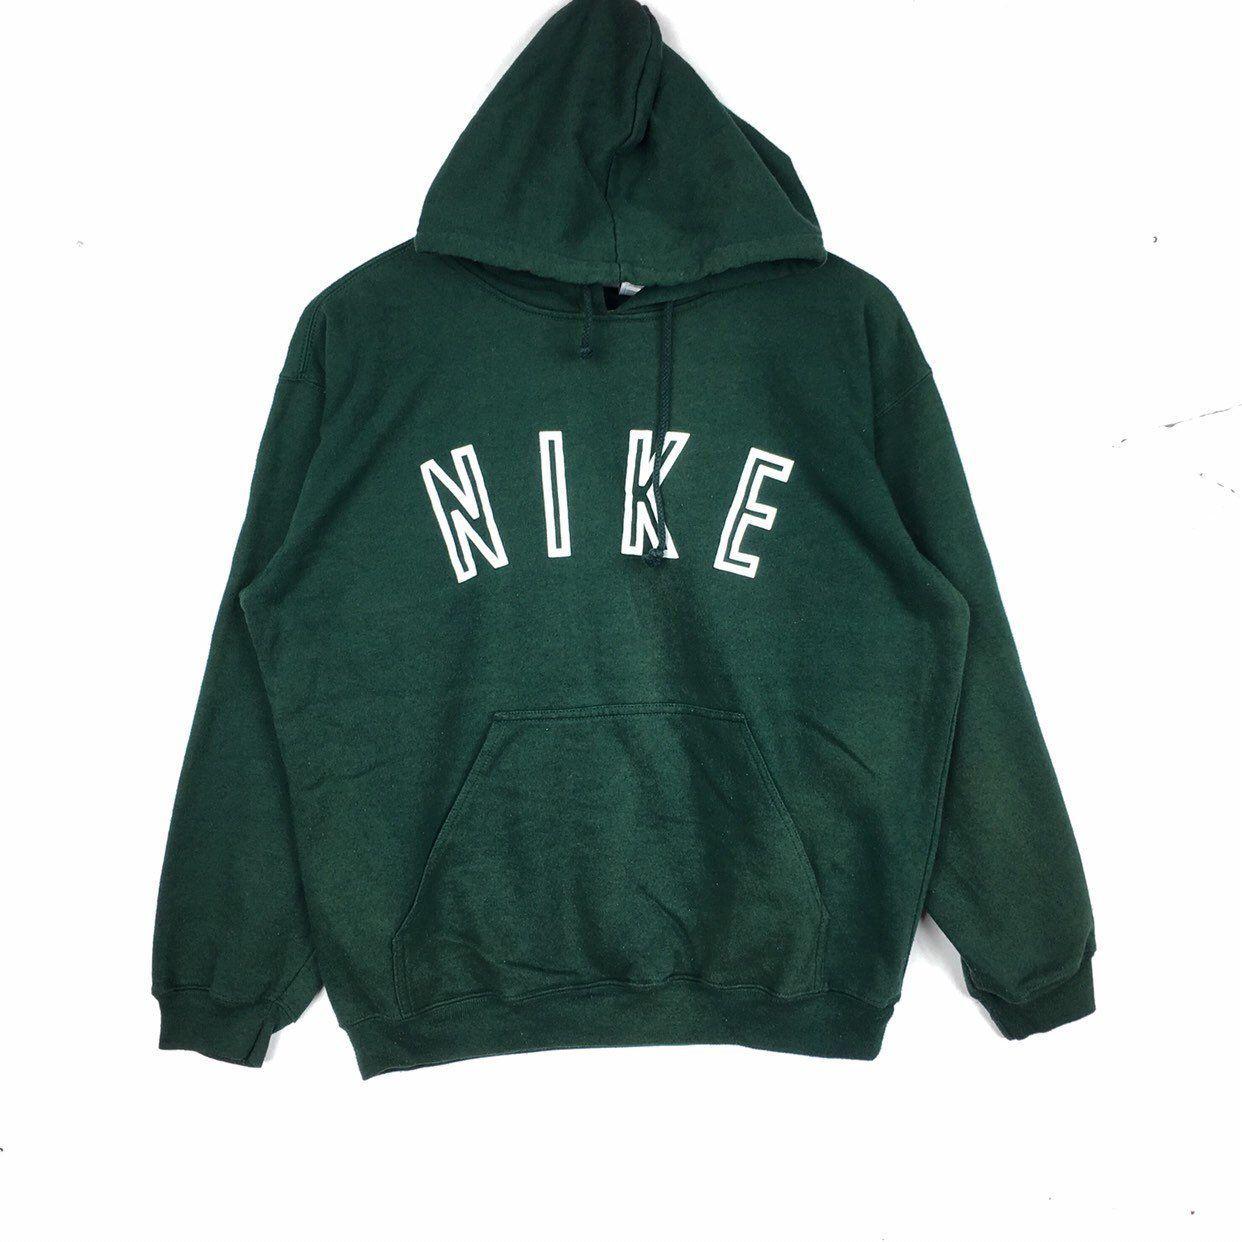 Vintage 90s Nike Big Logo Hoodie Anarok Colour Block Xl Size Etsy In 2021 Vintage Nike Sweatshirt Sweatshirts Vintage Hoodies [ 1242 x 1242 Pixel ]